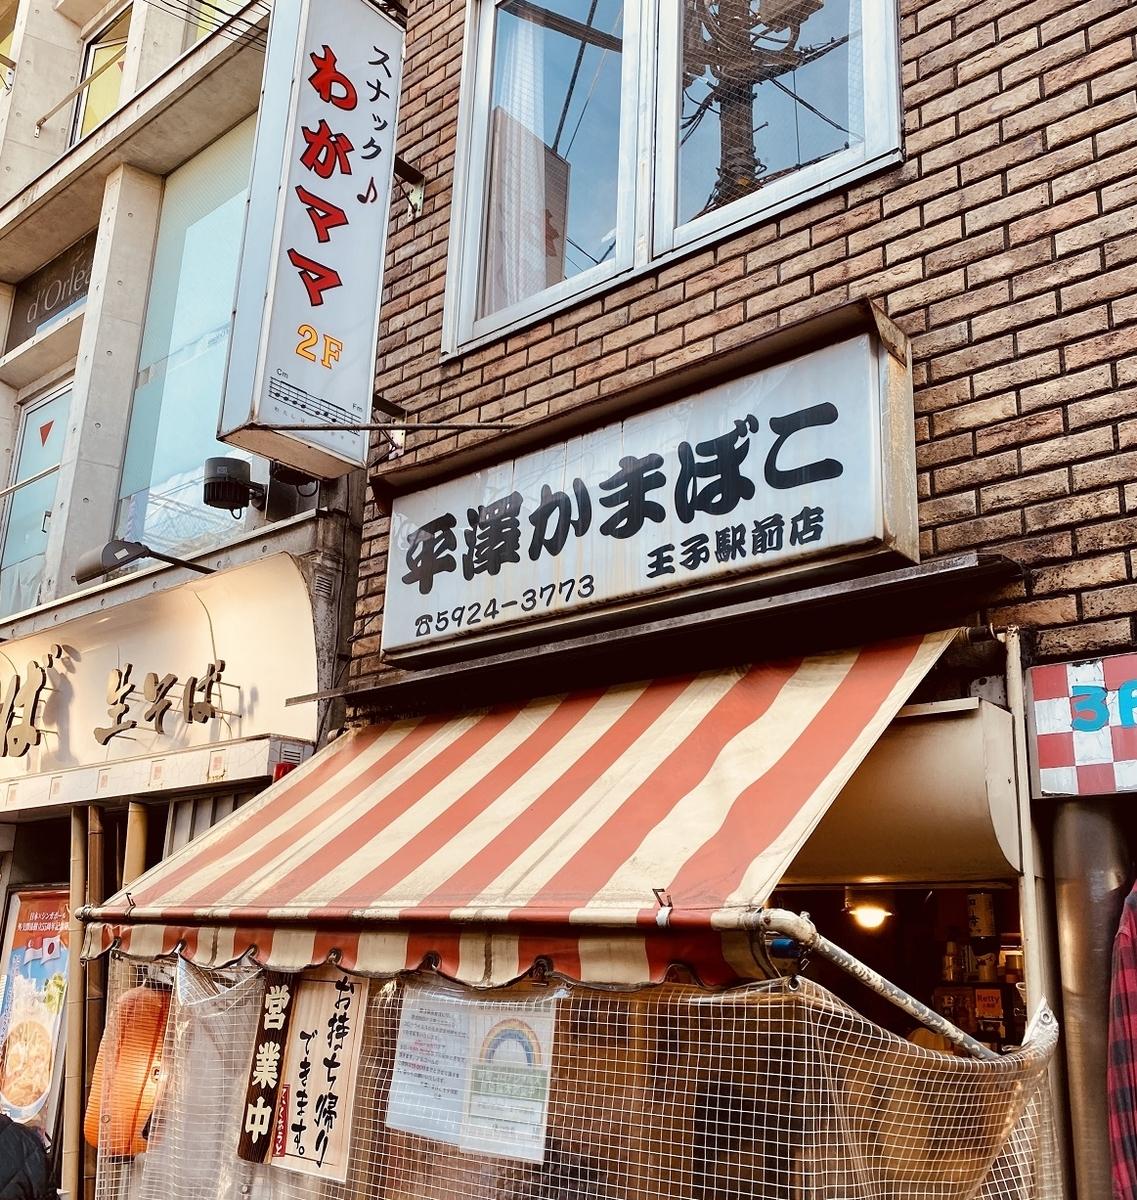 「平澤かまぼこ王子駅前店」。まさしく駅前の立ち飲み